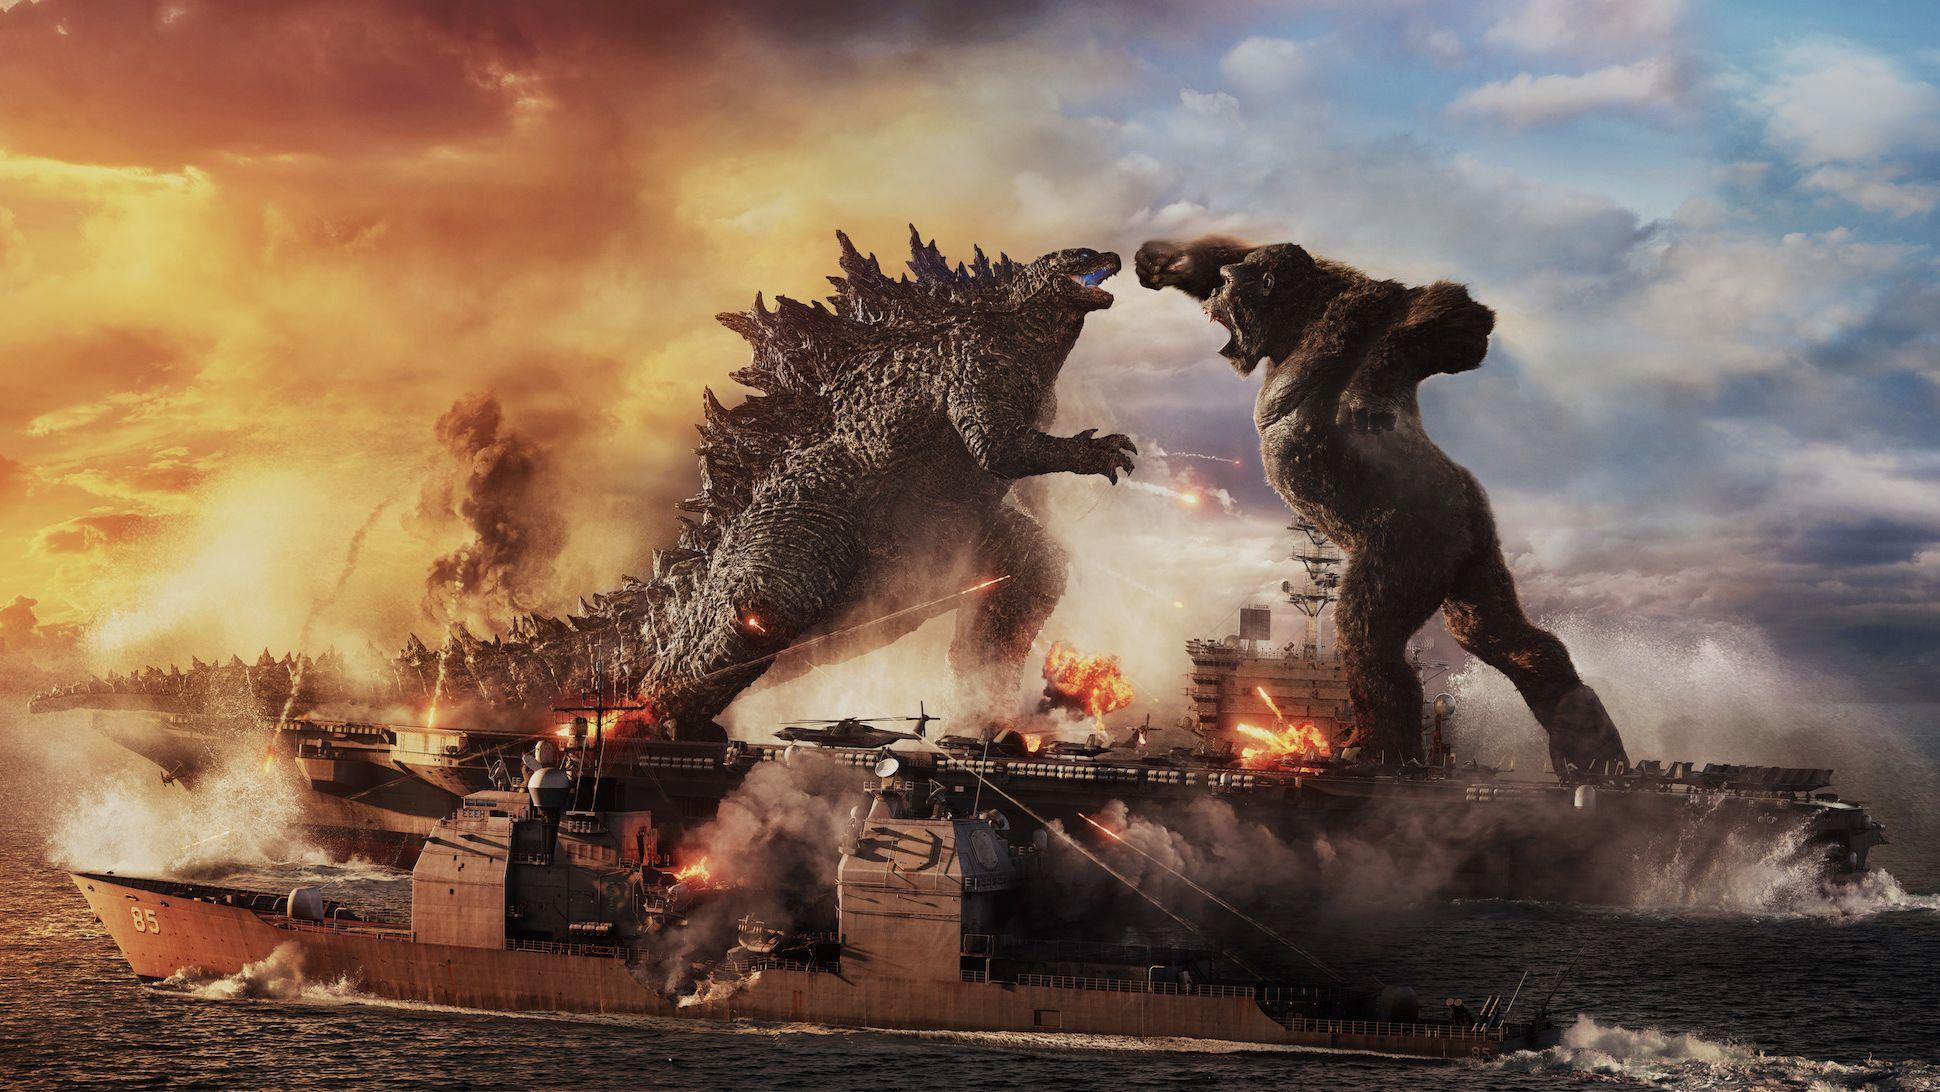 Godzilla vs. King Kong: Whose Poops Would Be Bigger?